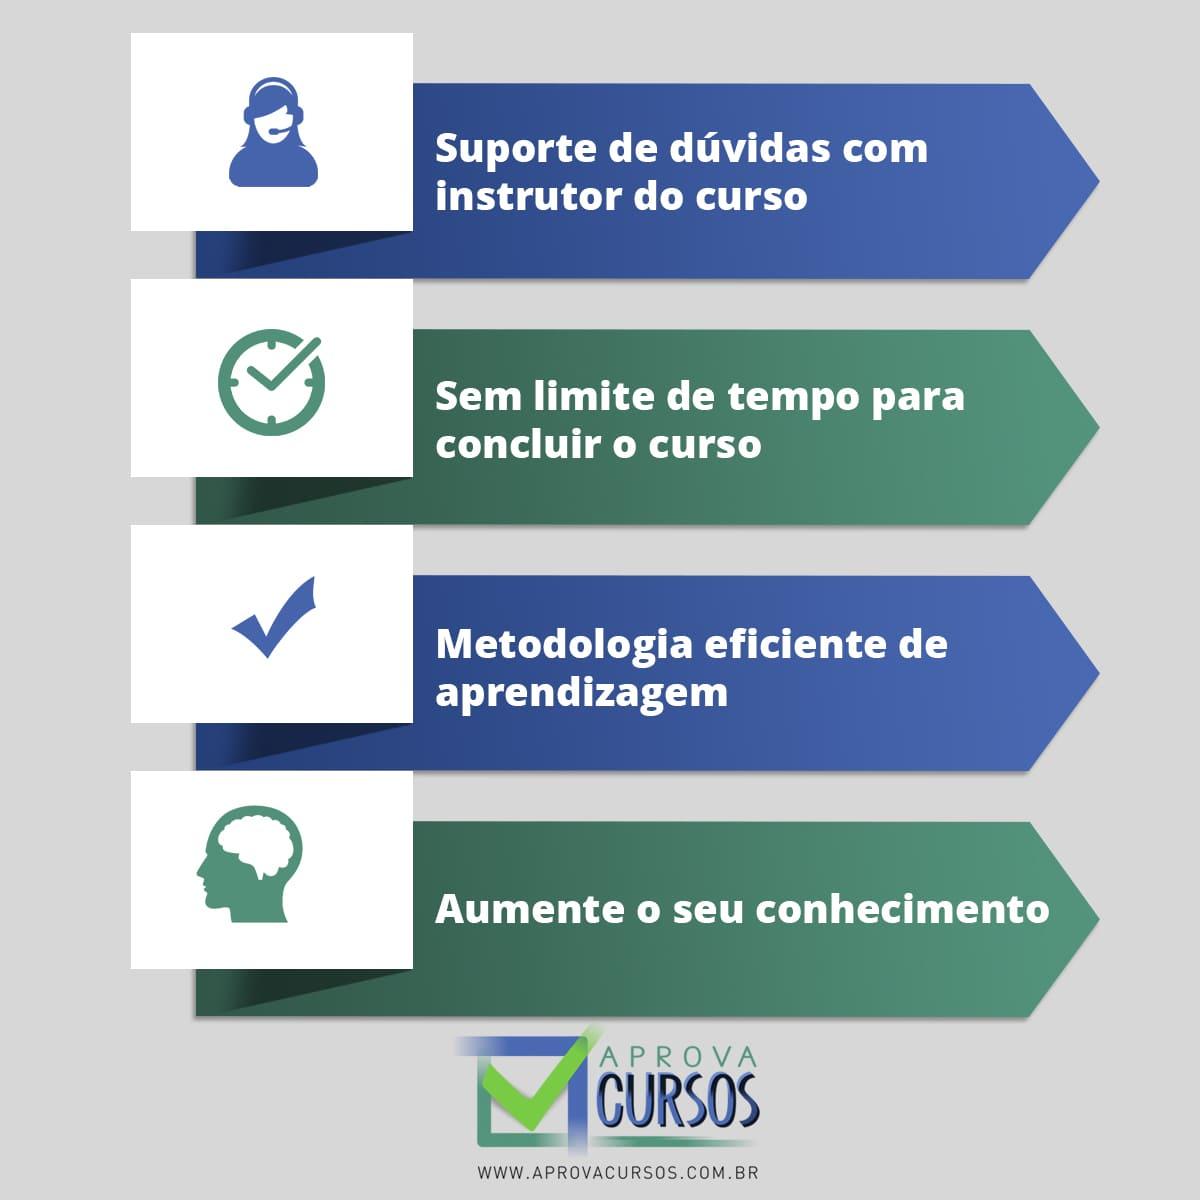 Curso online de Administração Contábil e Financeira + Certificado  - Aprova Cursos